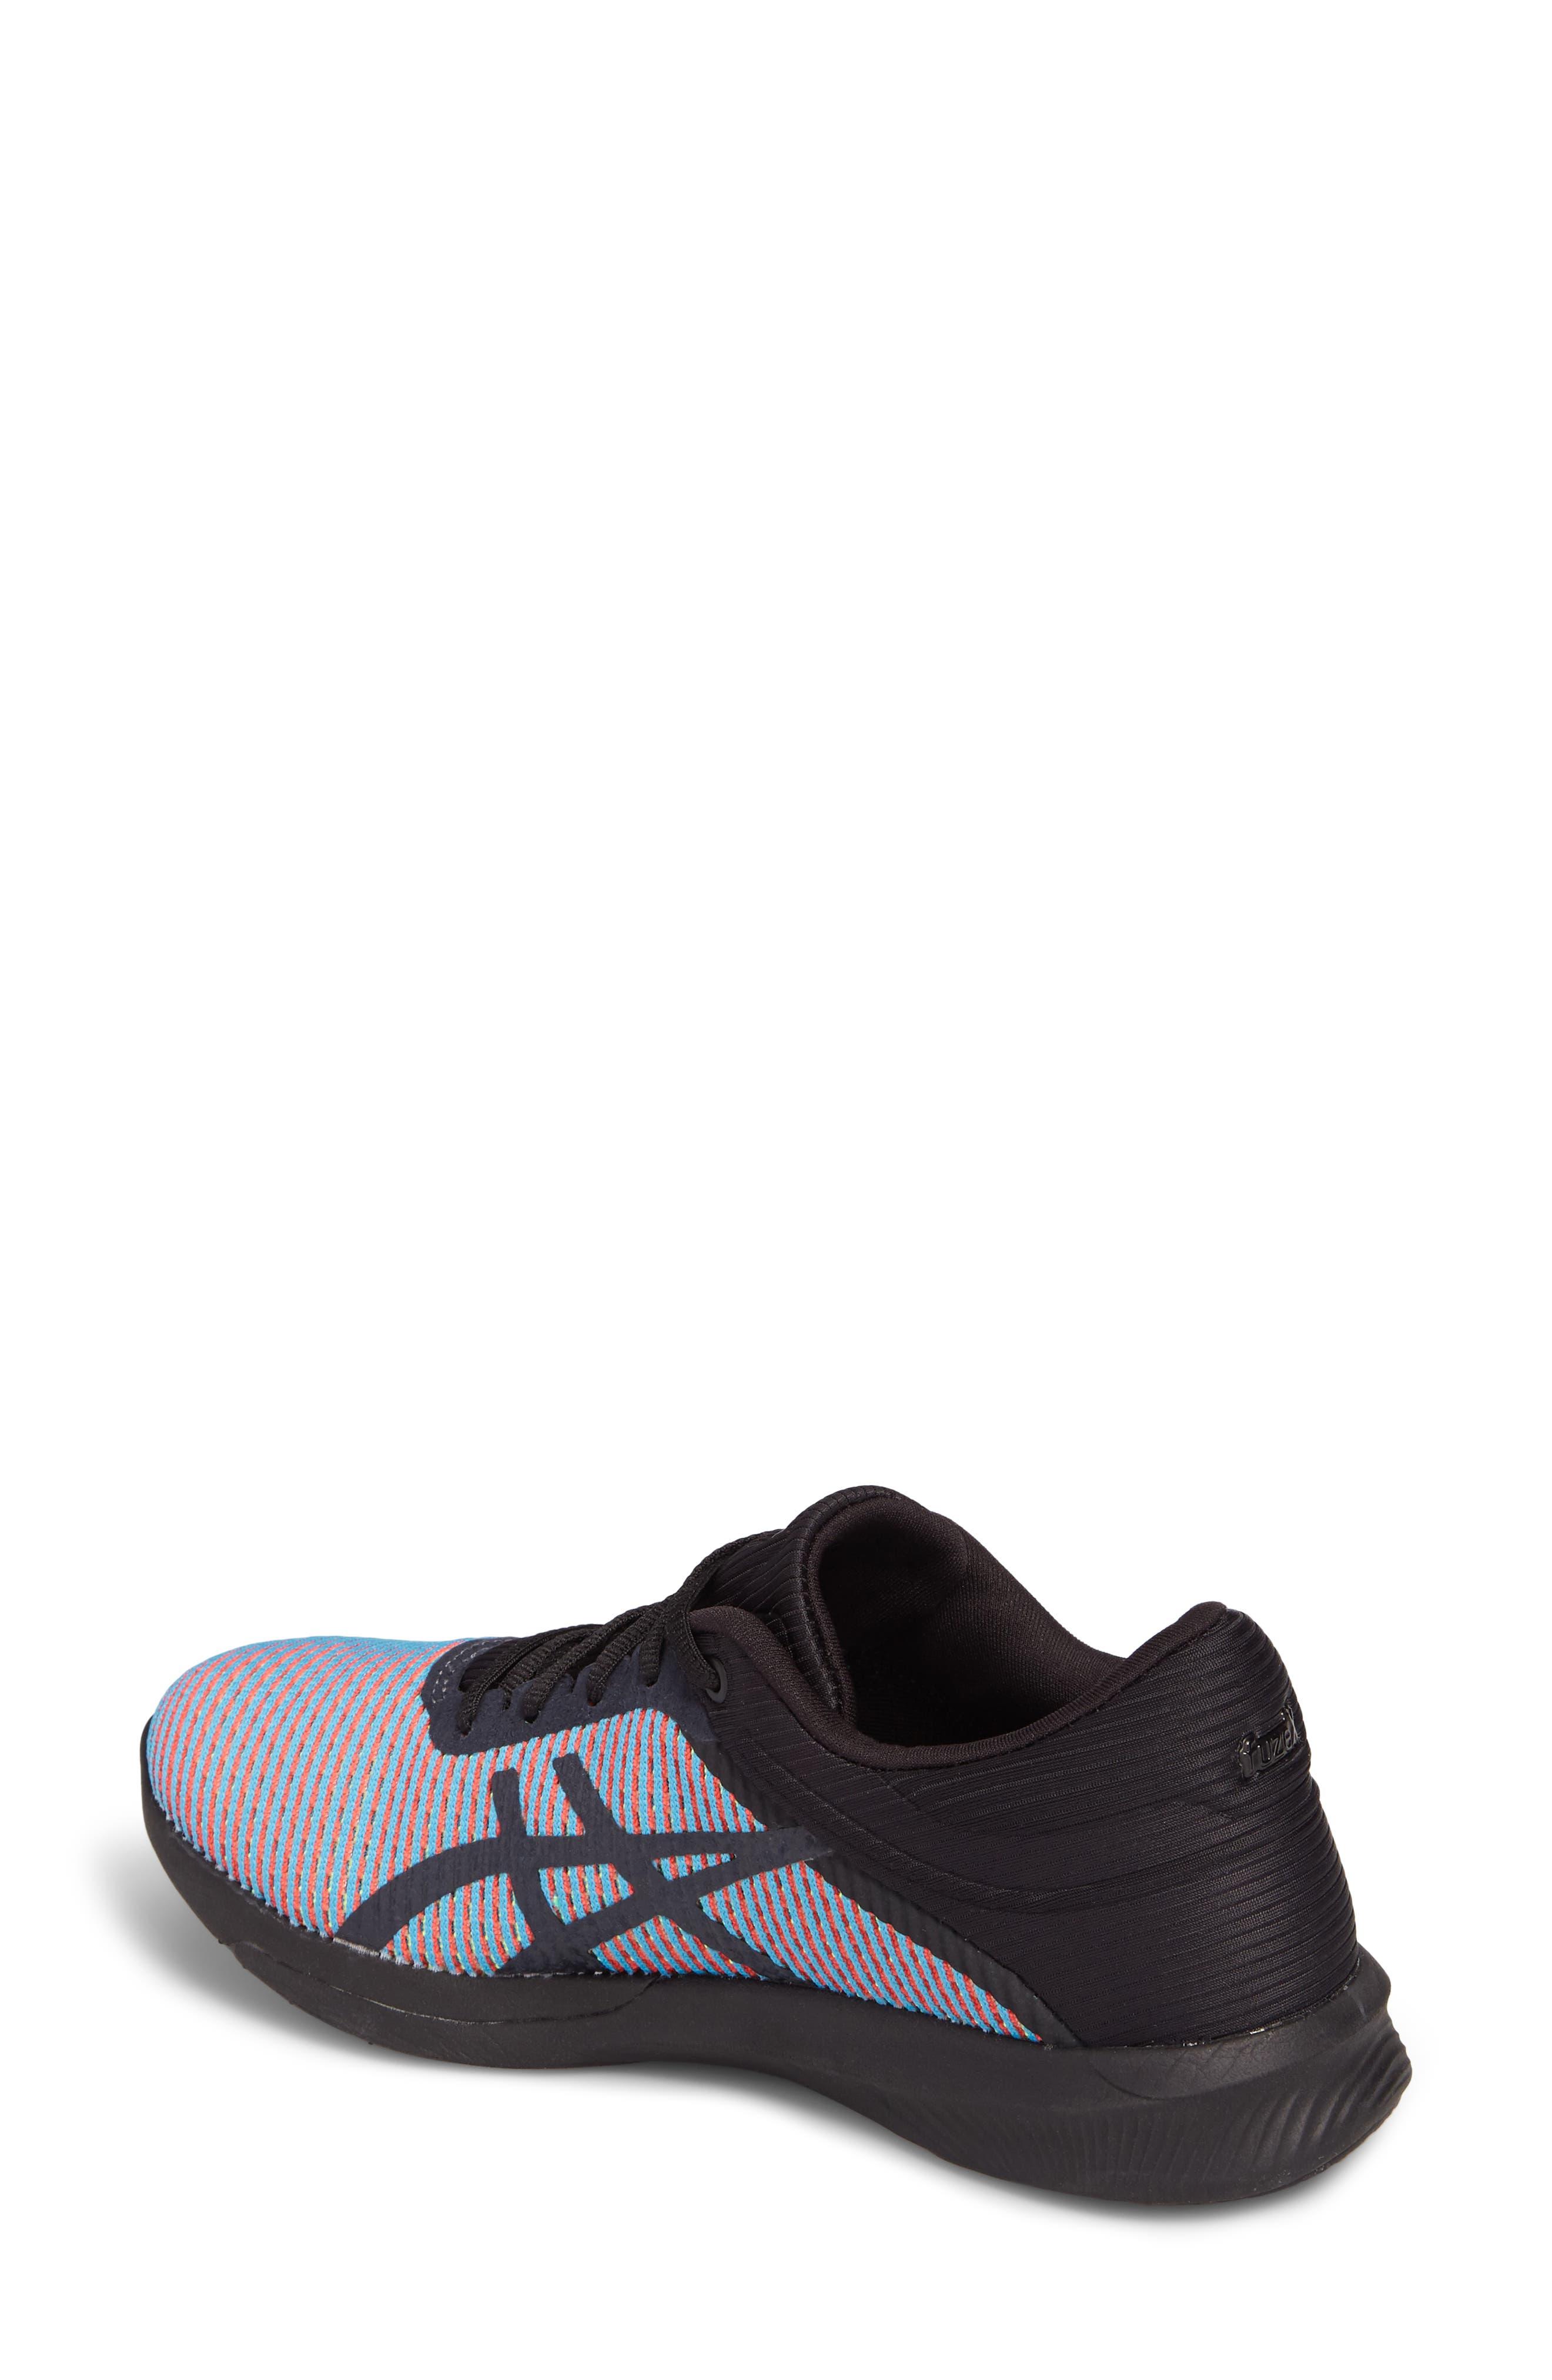 fuseX<sup>™</sup> Rush CM Running Shoe,                             Alternate thumbnail 2, color,                             Aquarium/ Phantom